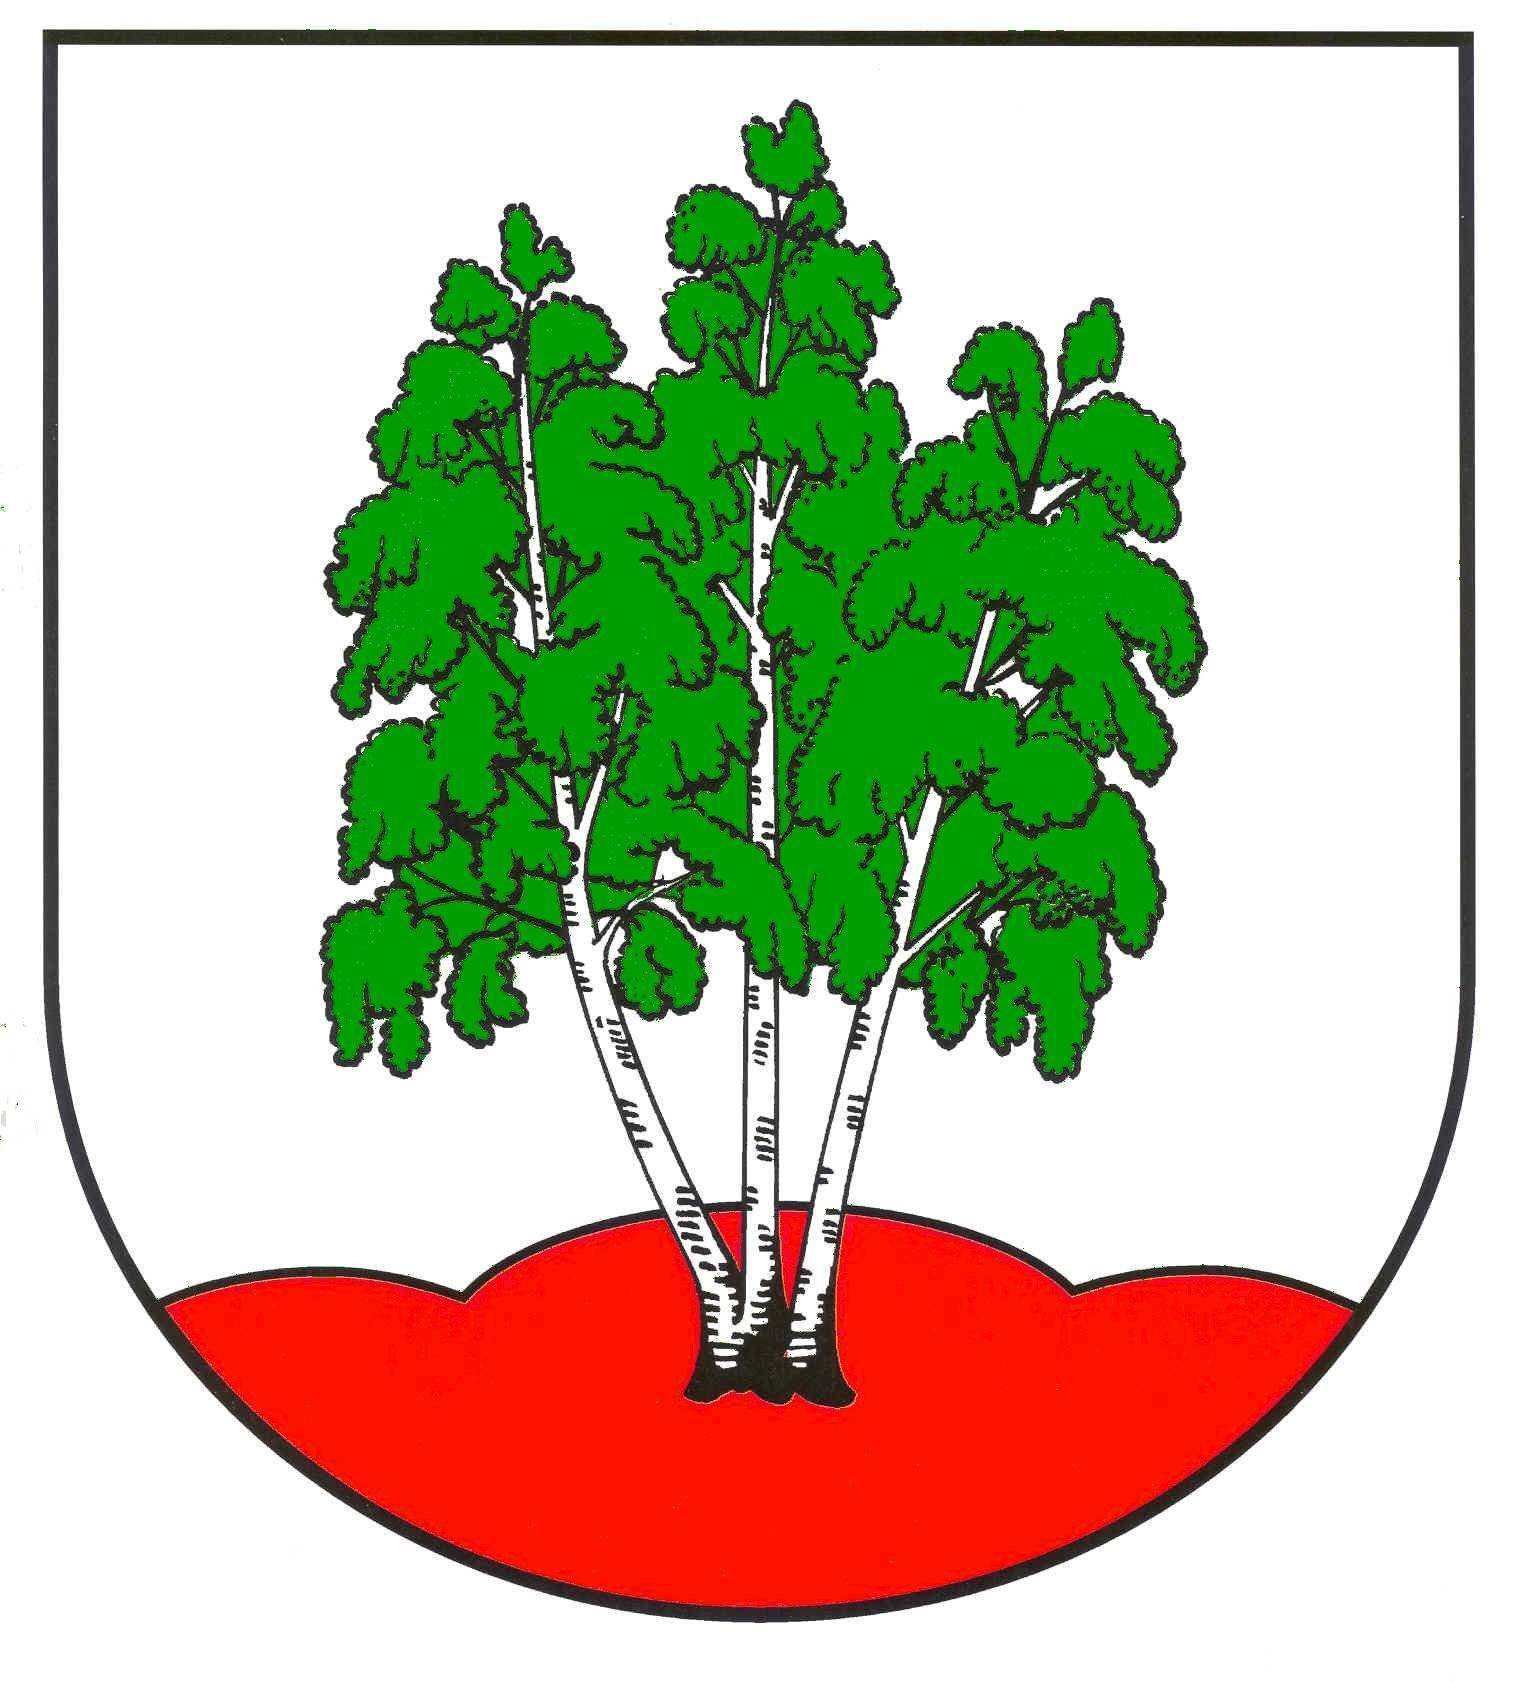 Wappen GemeindeBark, Kreis Segeberg